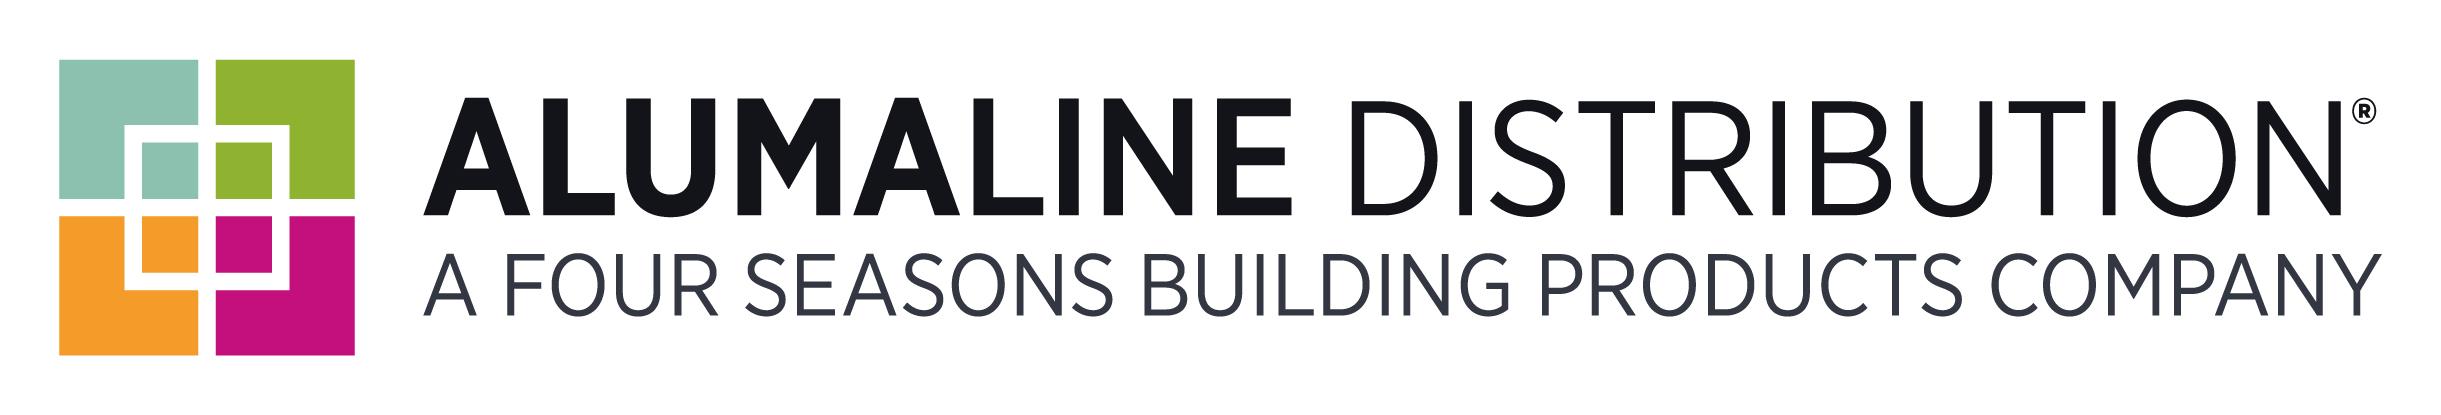 About Us | Alumaline